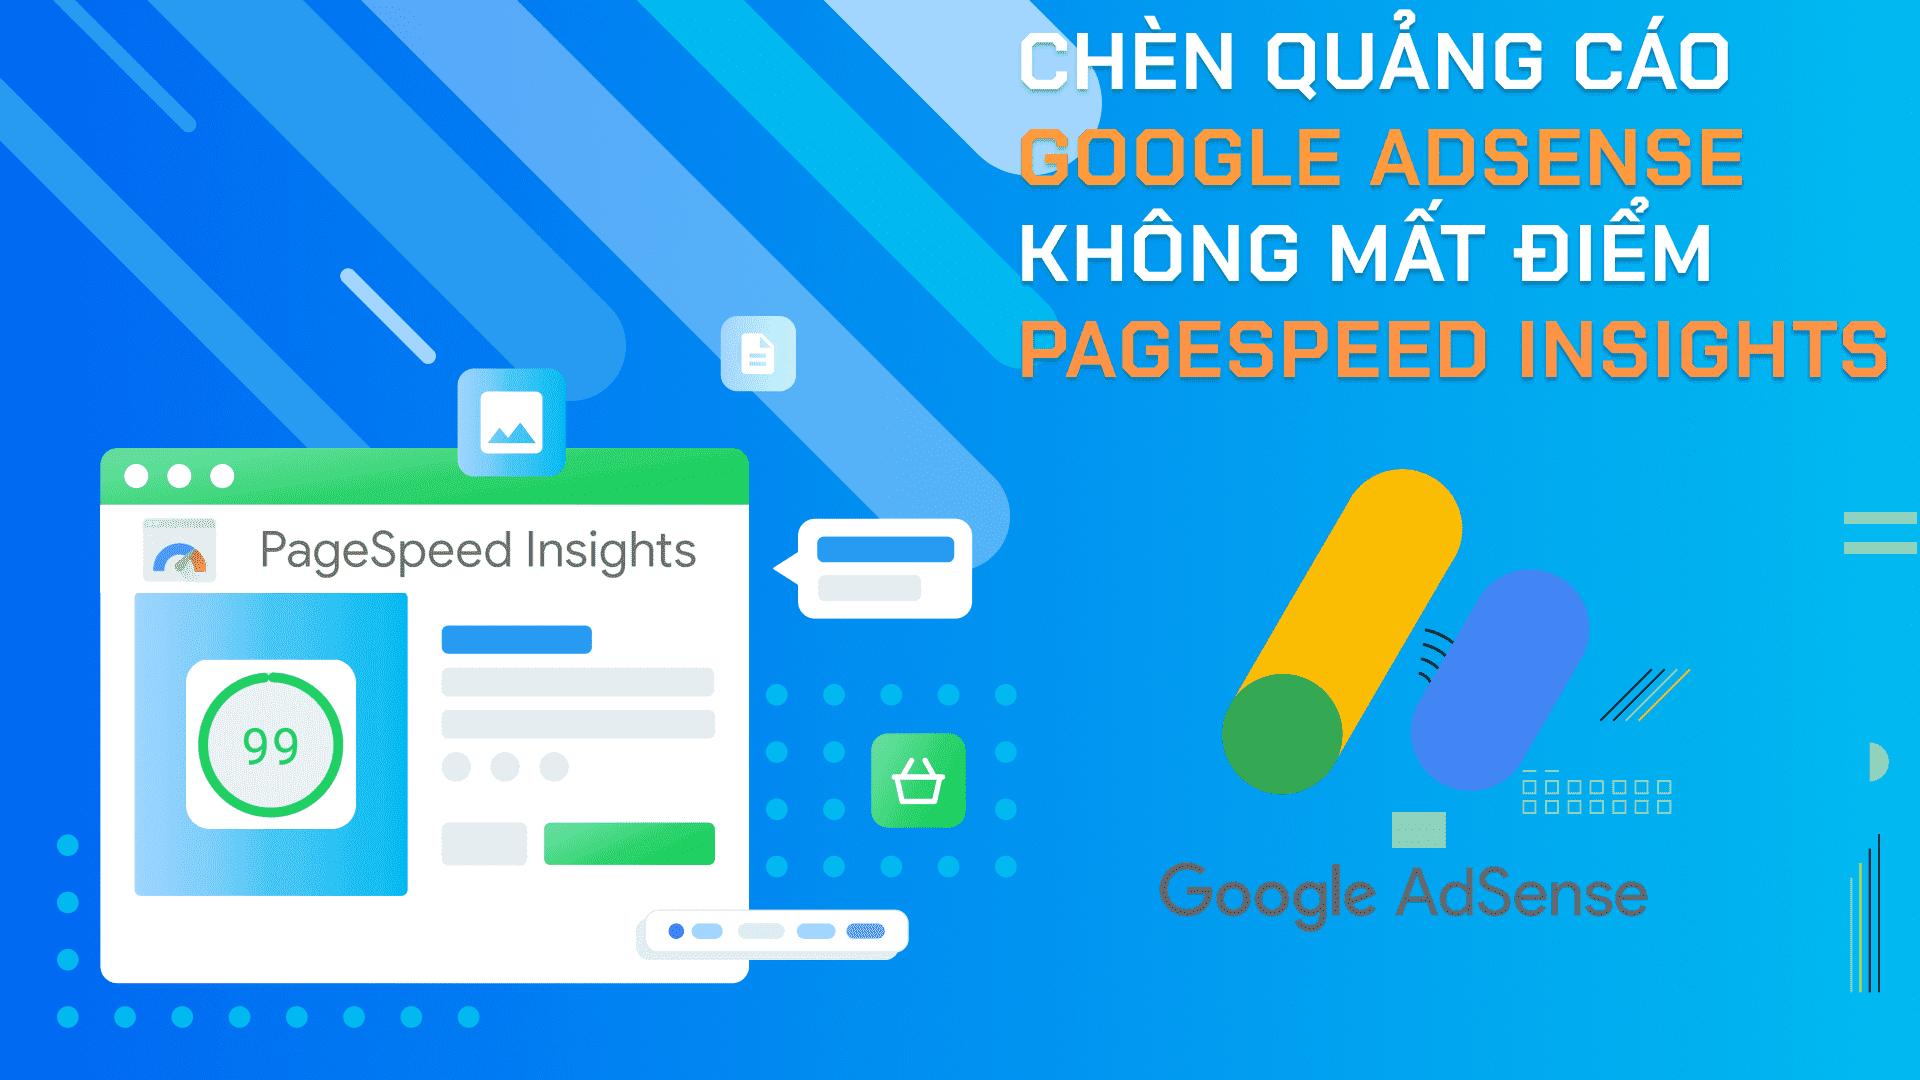 Chèn quảng cáo Google Adsense không mất điểm PageSpeed Insights